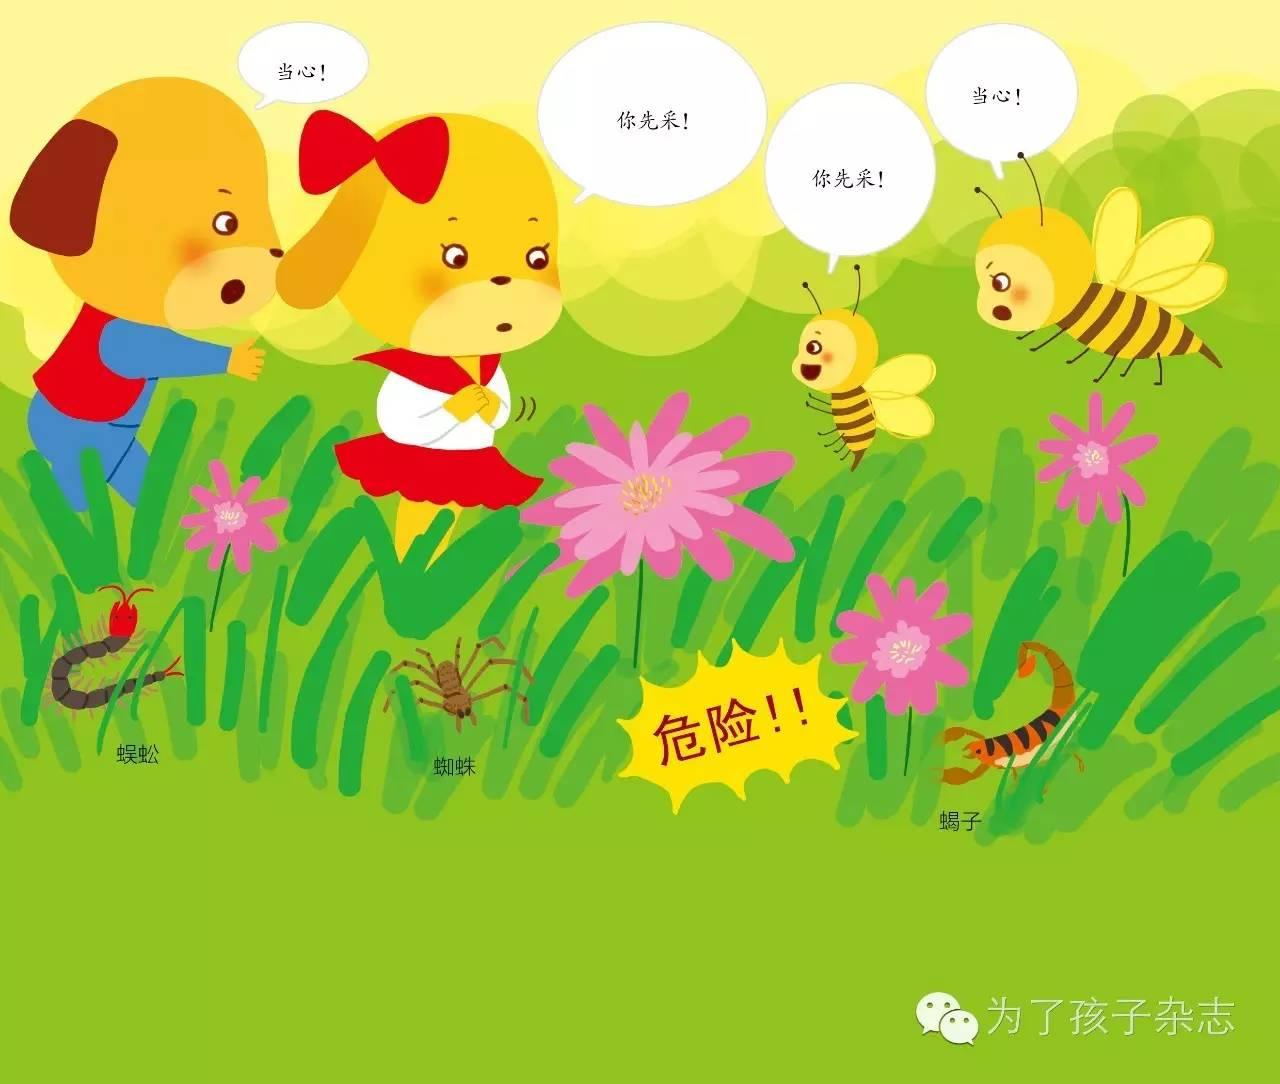 """""""你先采!""""小蜜蜂说.图片"""